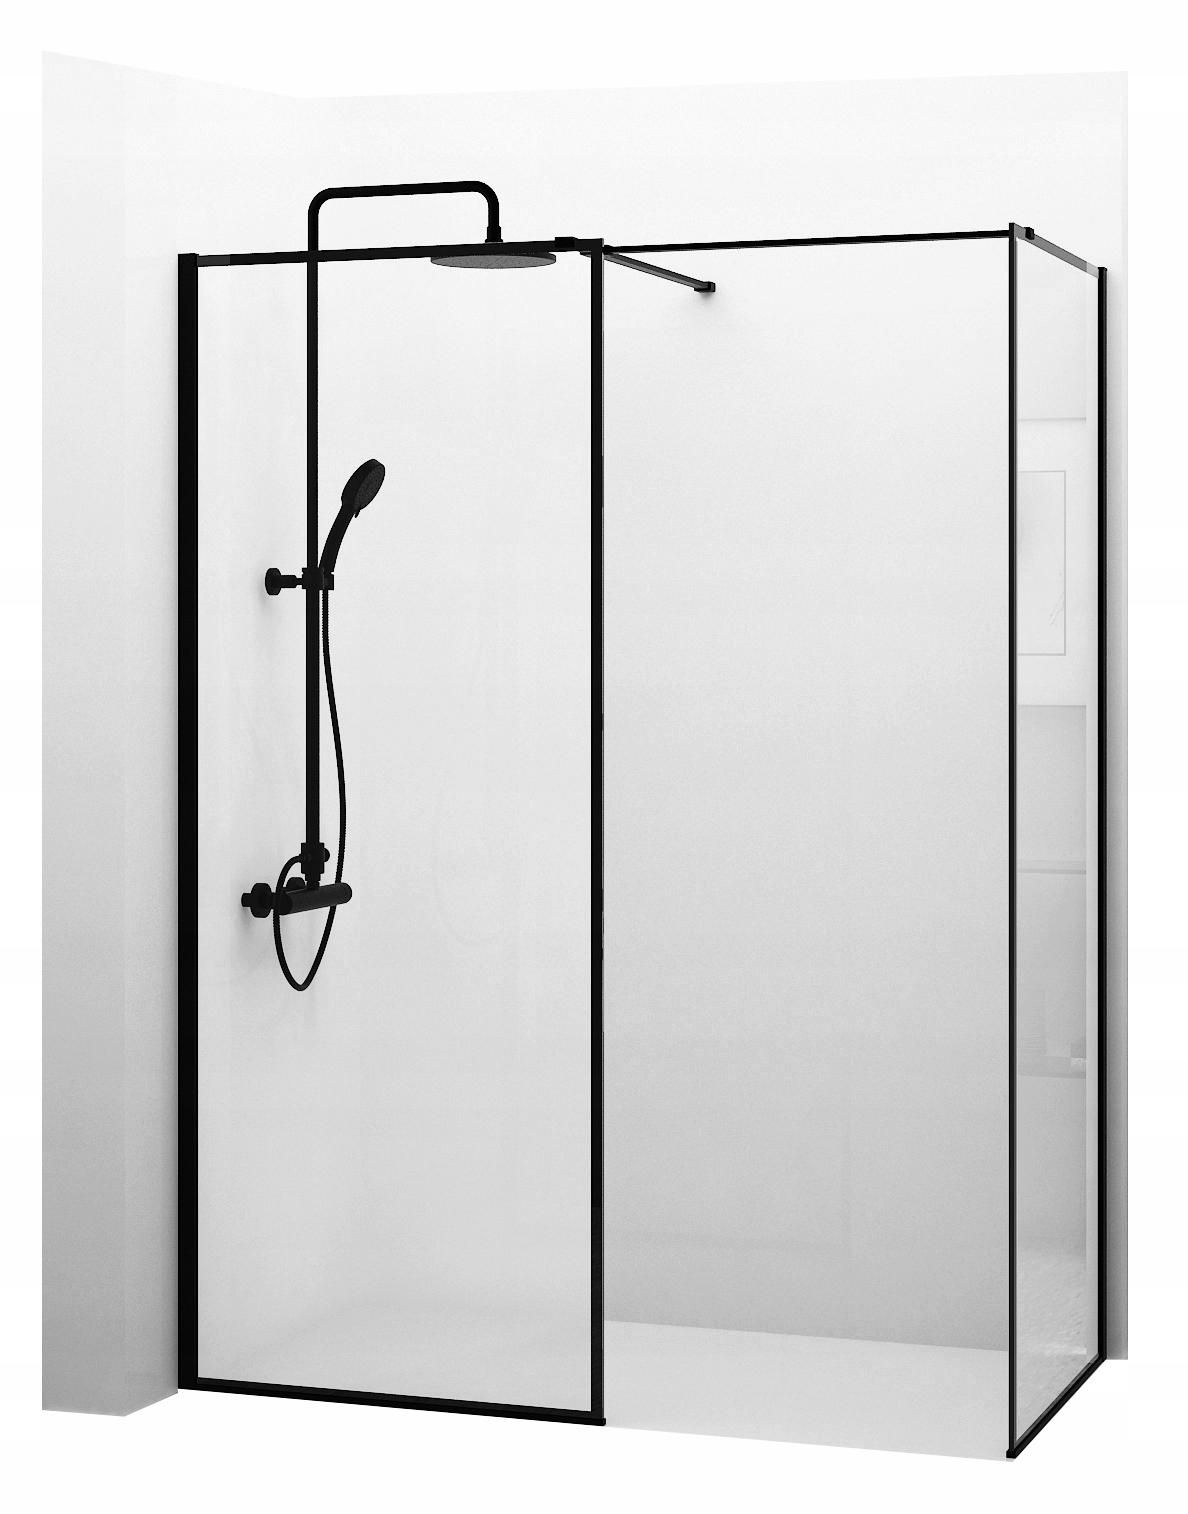 Sprcha CHODIŤ V 90x100 BLACK PROFILY